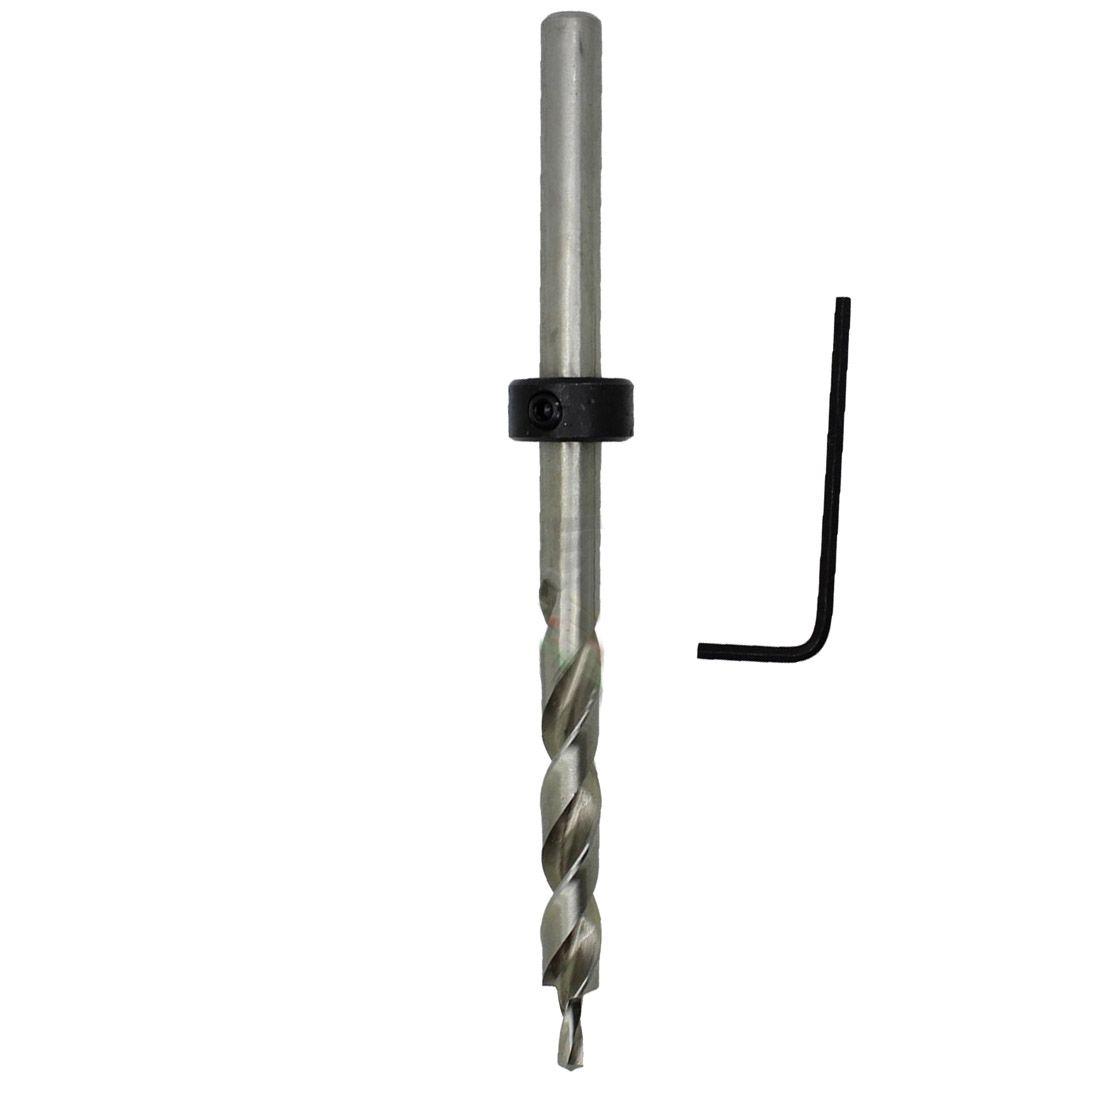 1pcs New Brand Carpentry Jig Pilot Twist Step Drill Bit